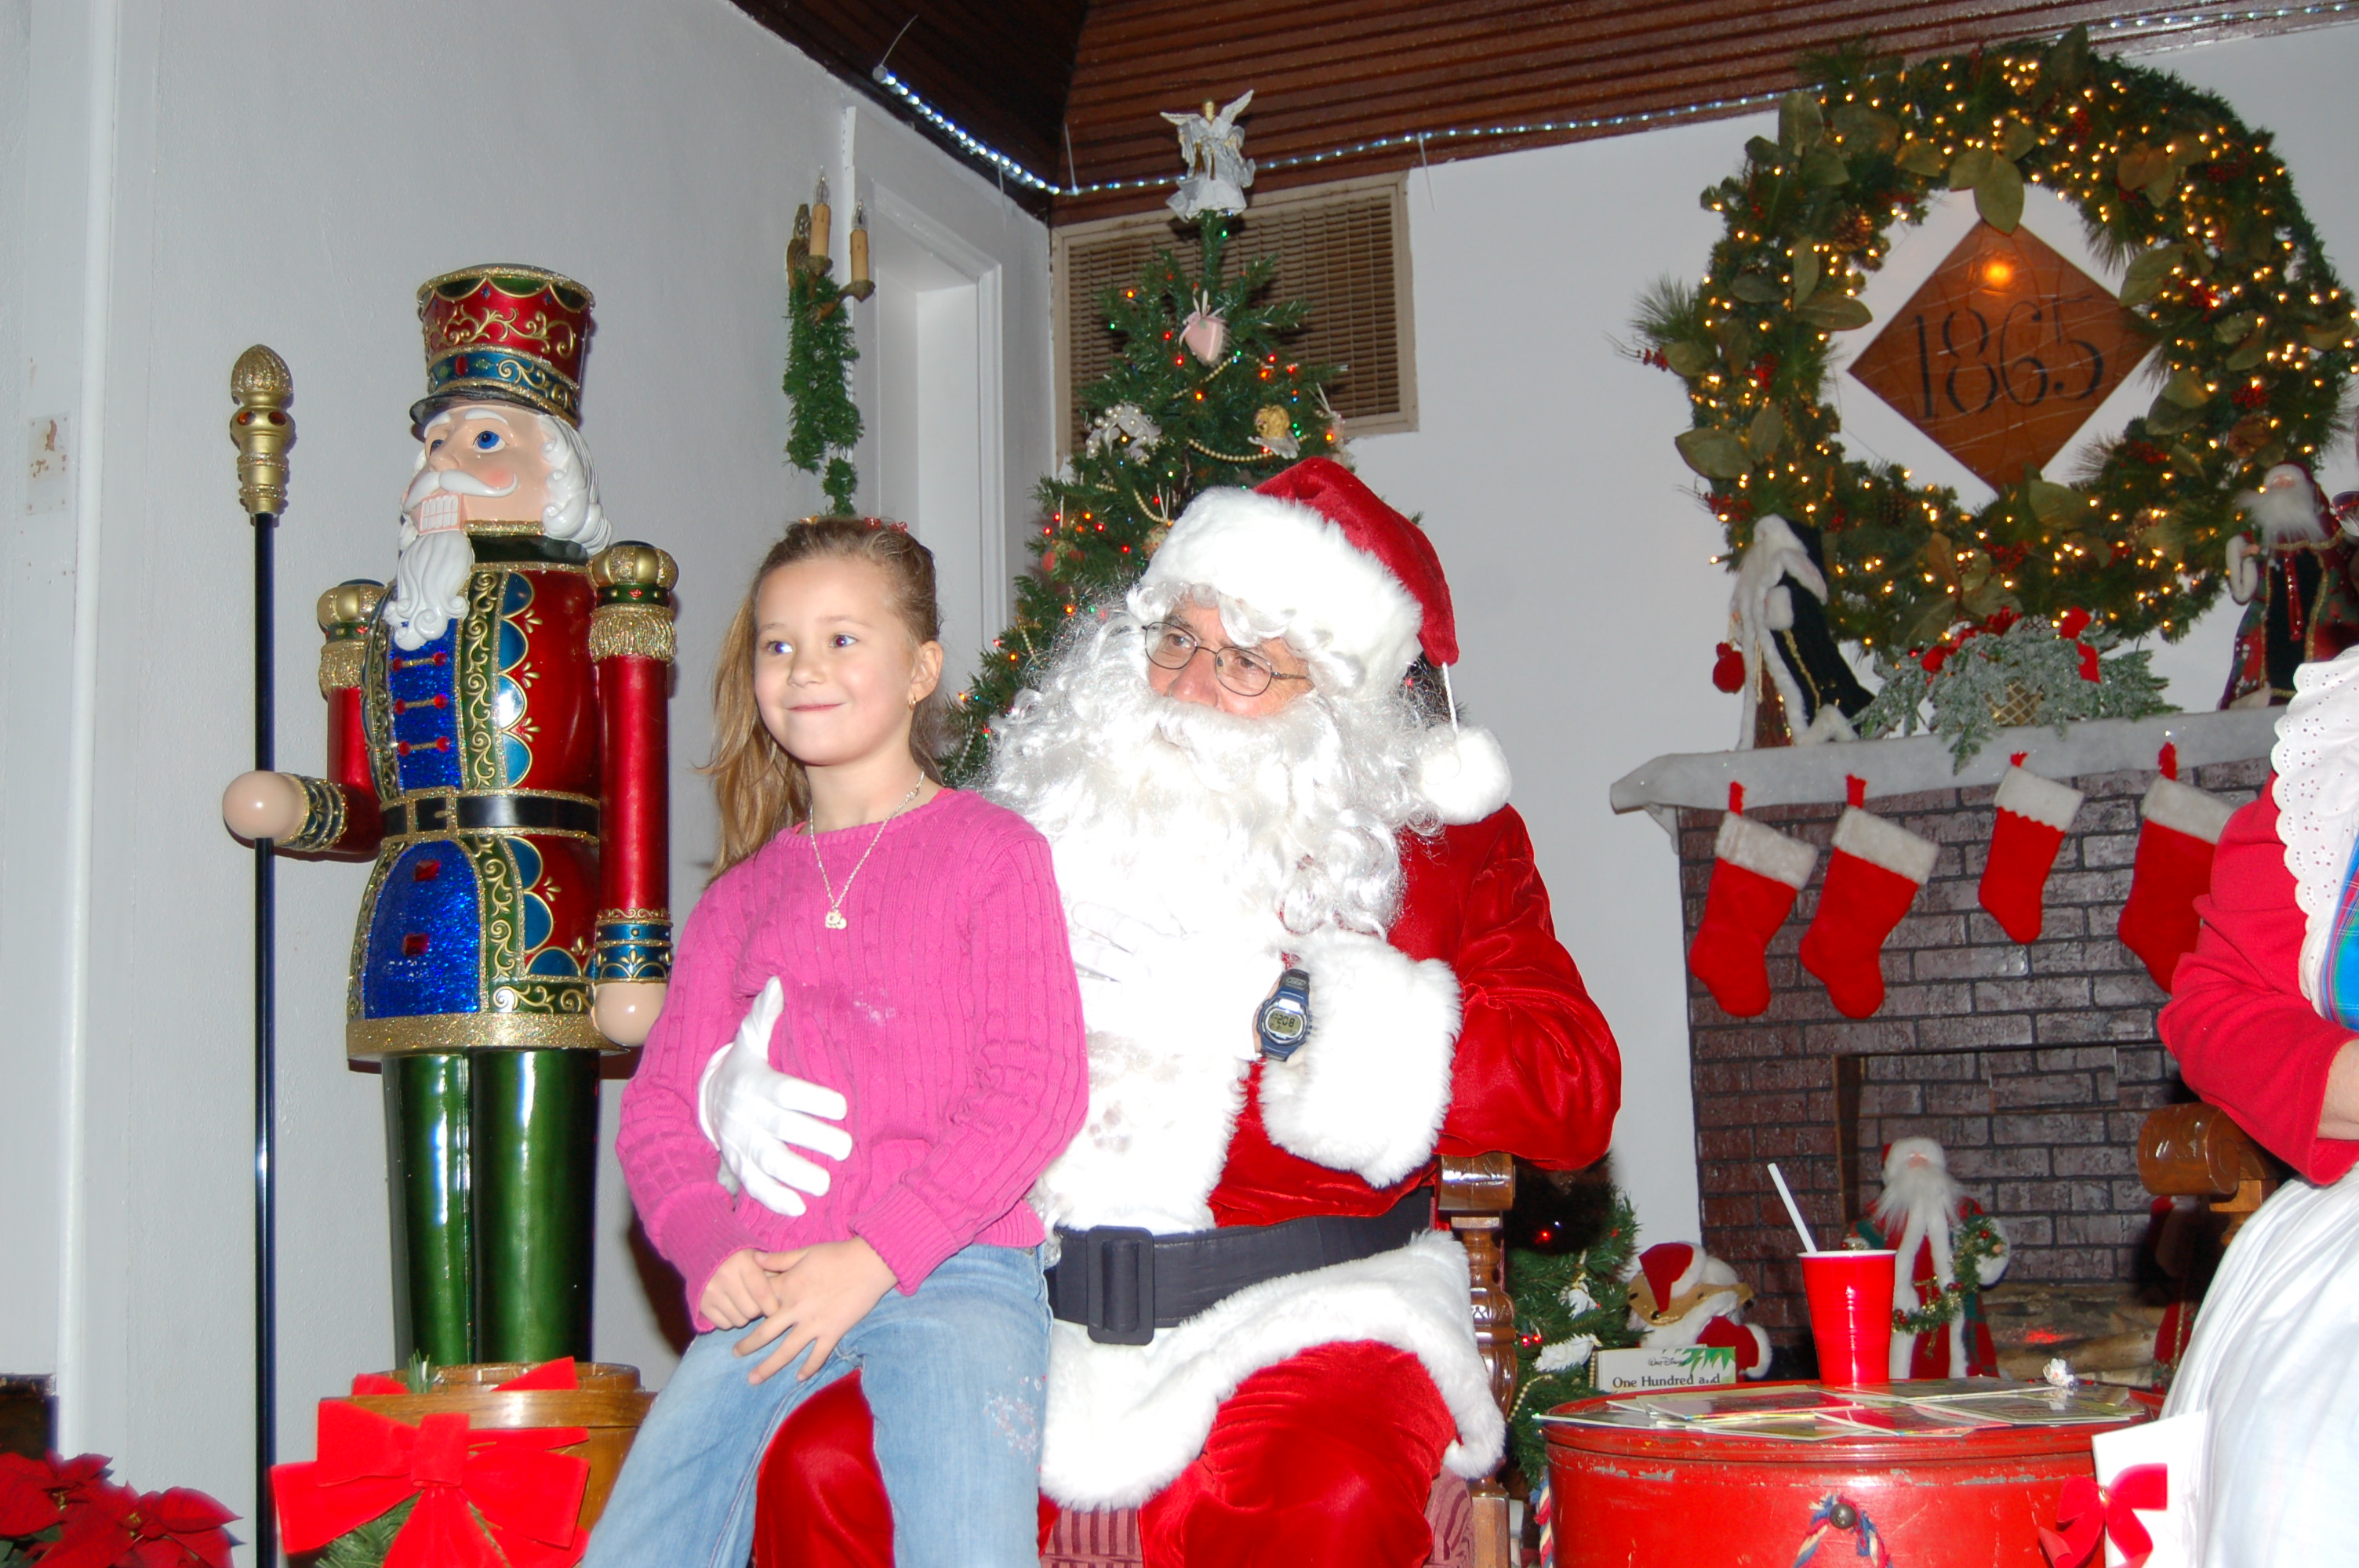 LolliPop+Lane+12-12-2008+Picture+041.jpg